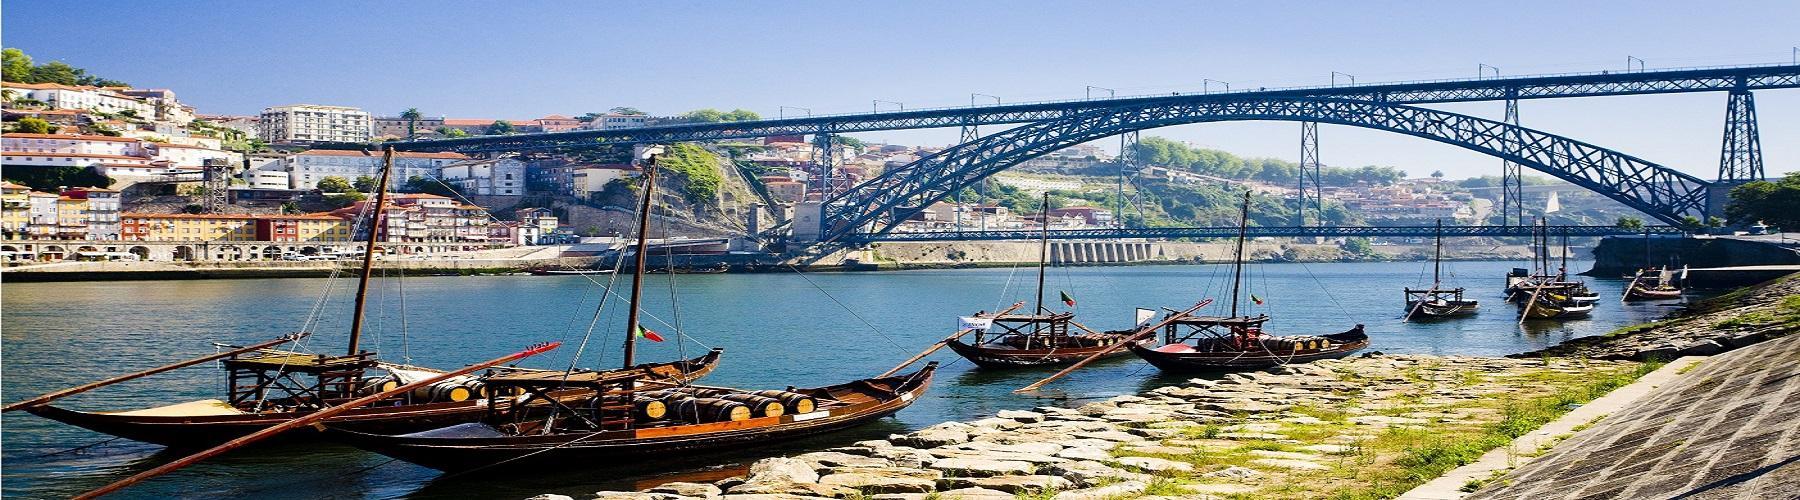 Самостоятельно в Португалию